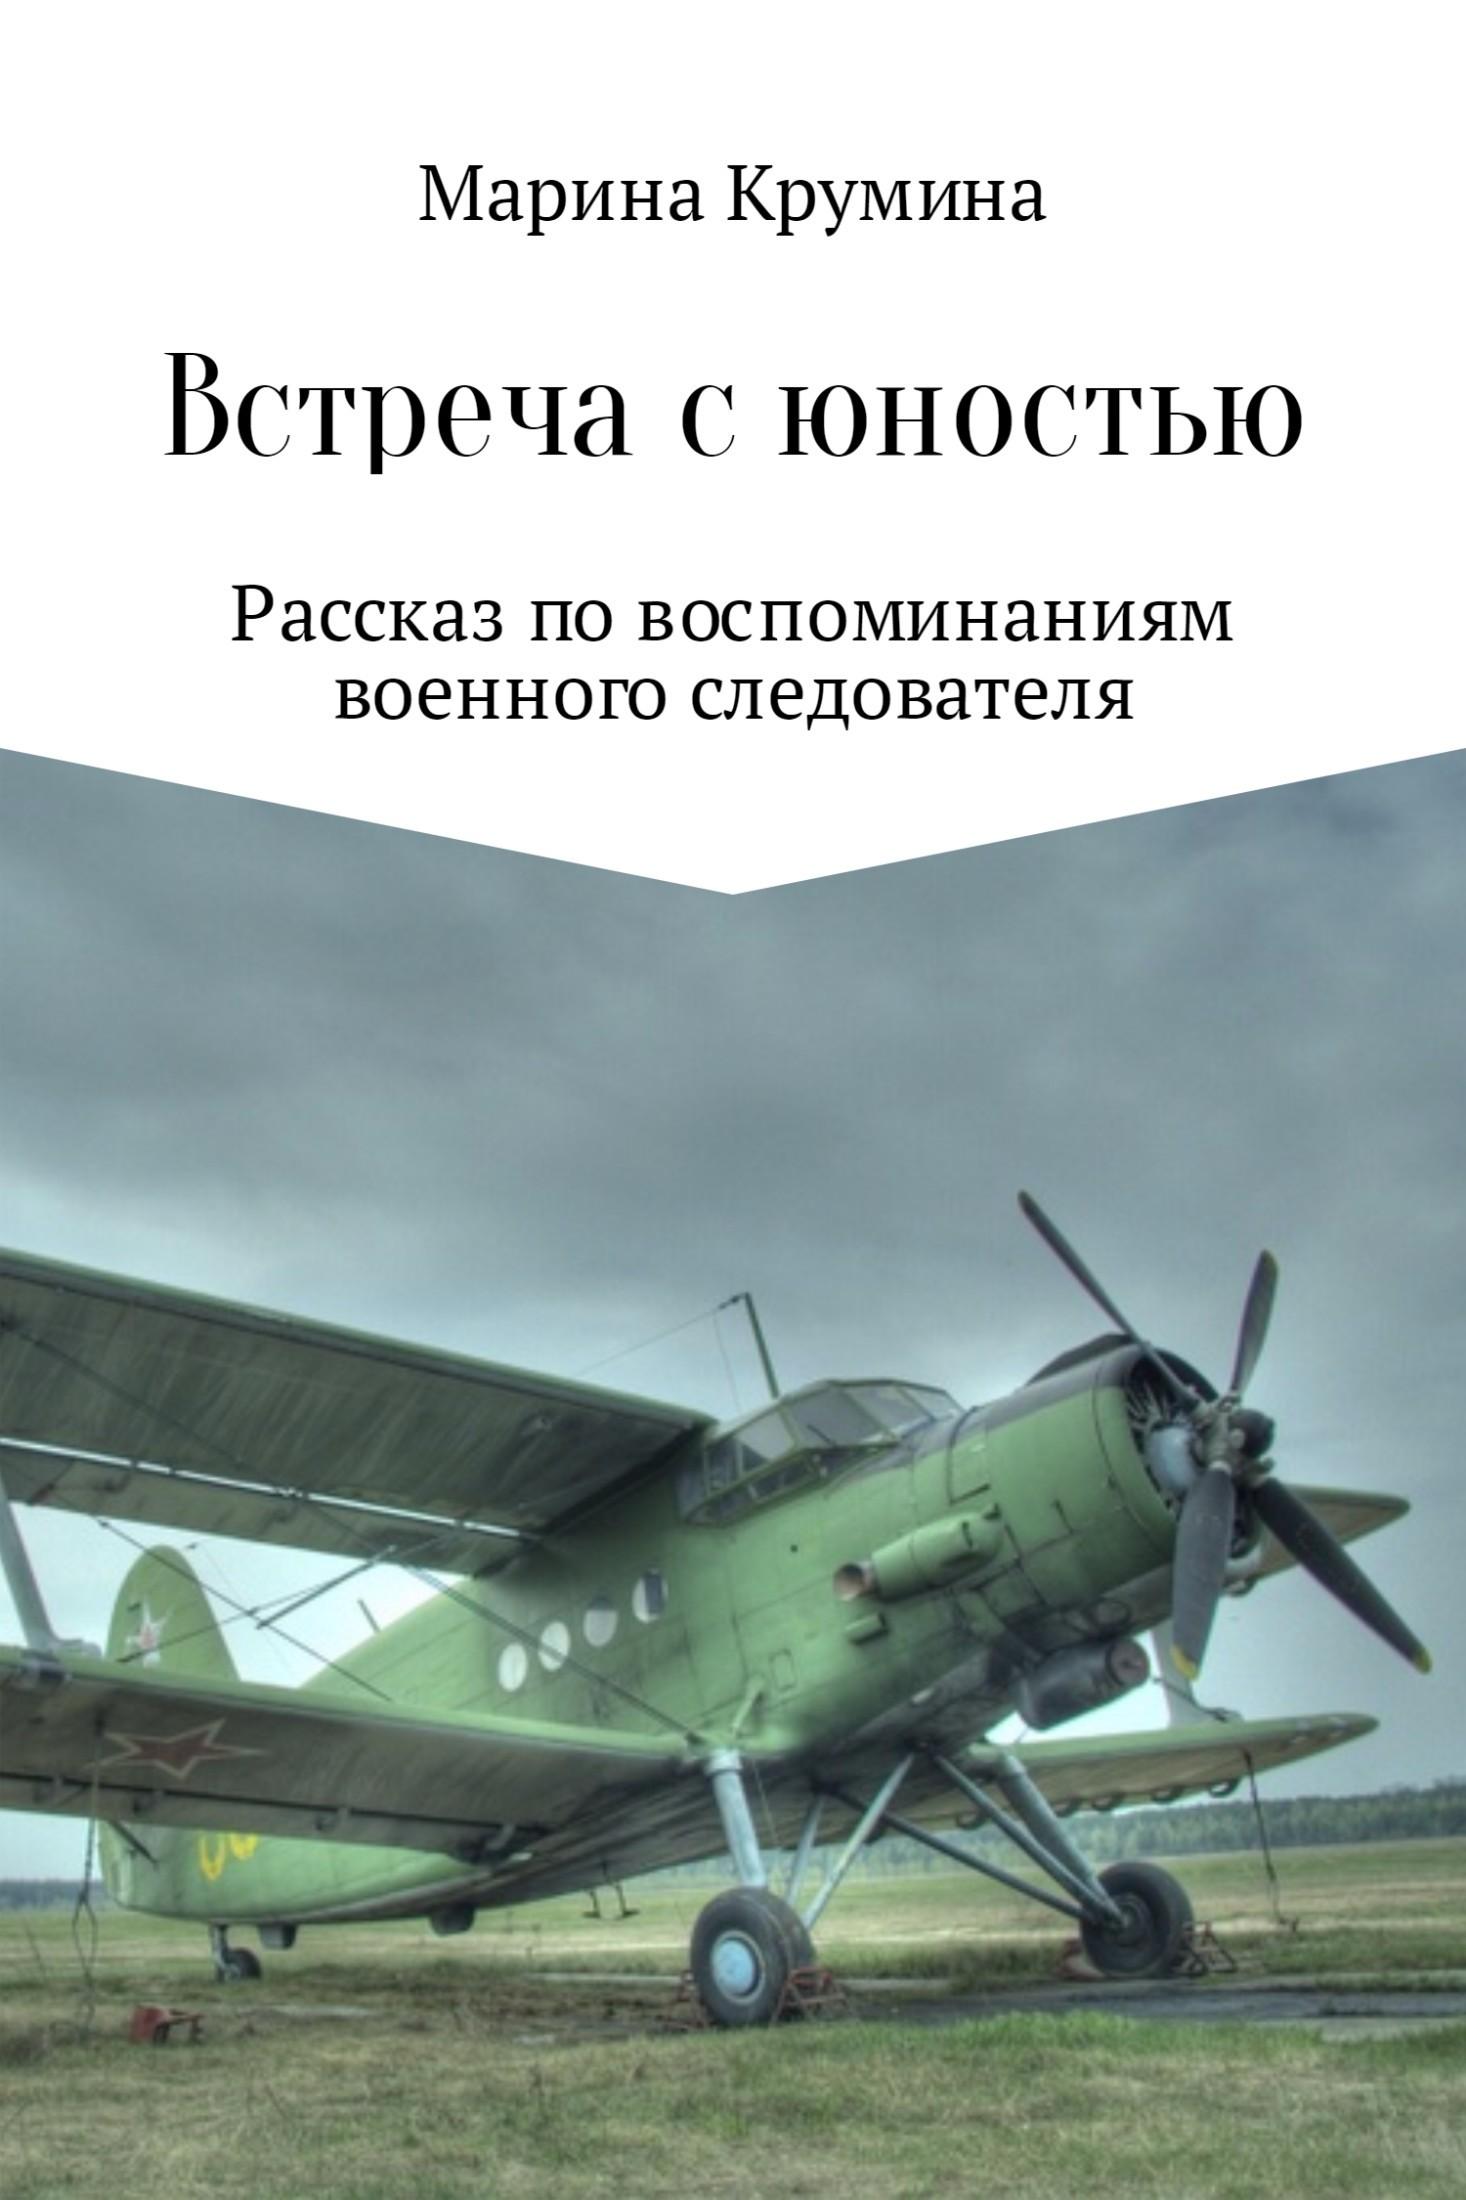 Марина Петровна Крумина Встреча с юностью людские потери на фронтах великой отечественной красная армия против вермахта